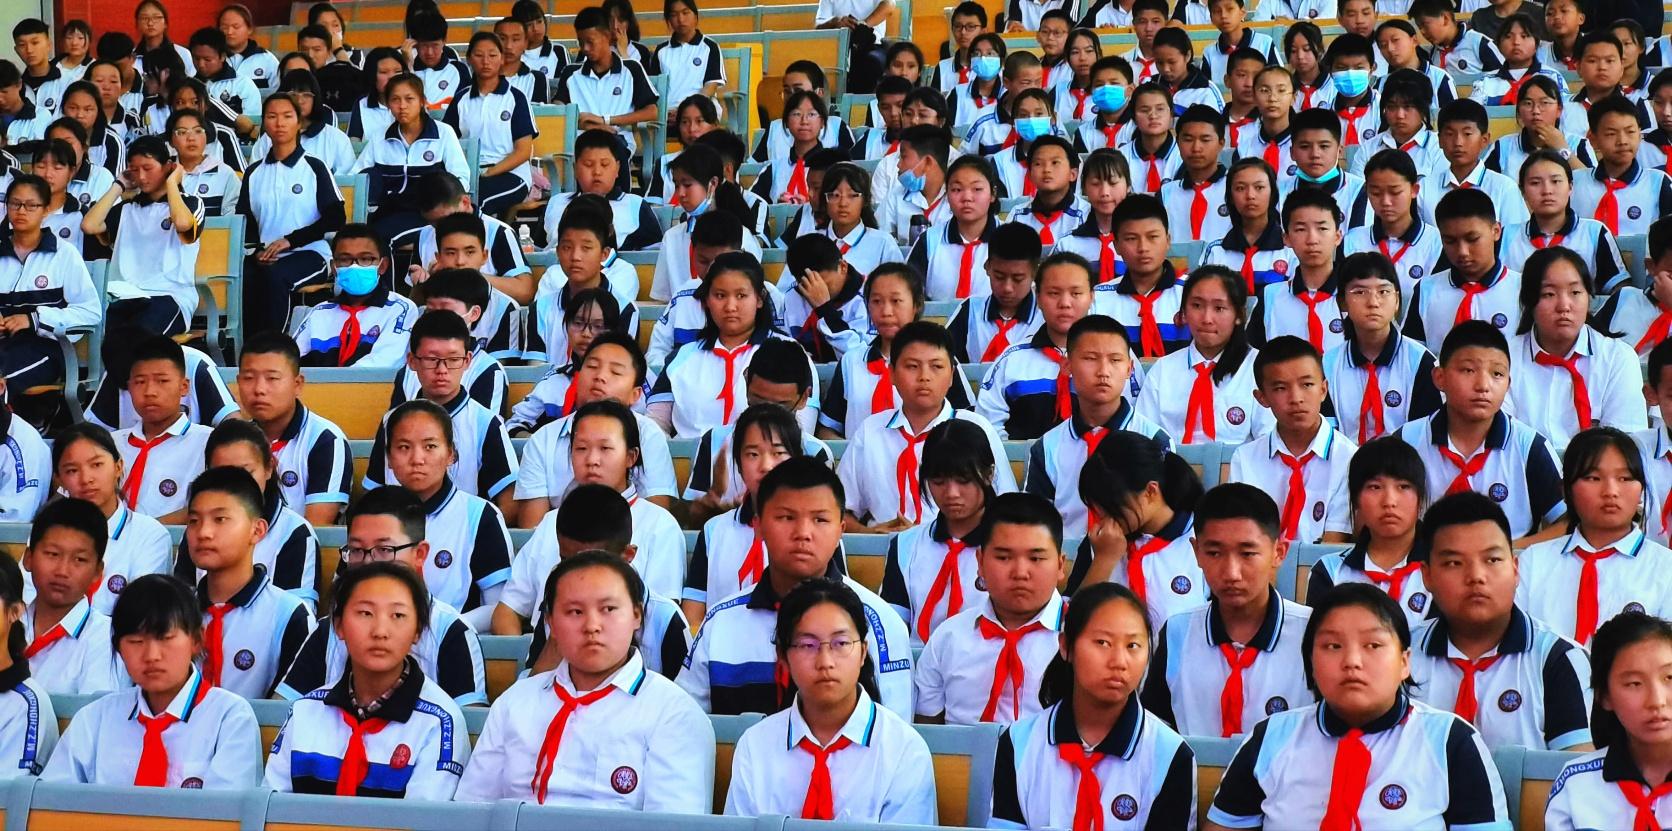 怒江州民族中学携手云南传统蒙学研究会举行教学实践基地揭牌仪式插图(8)